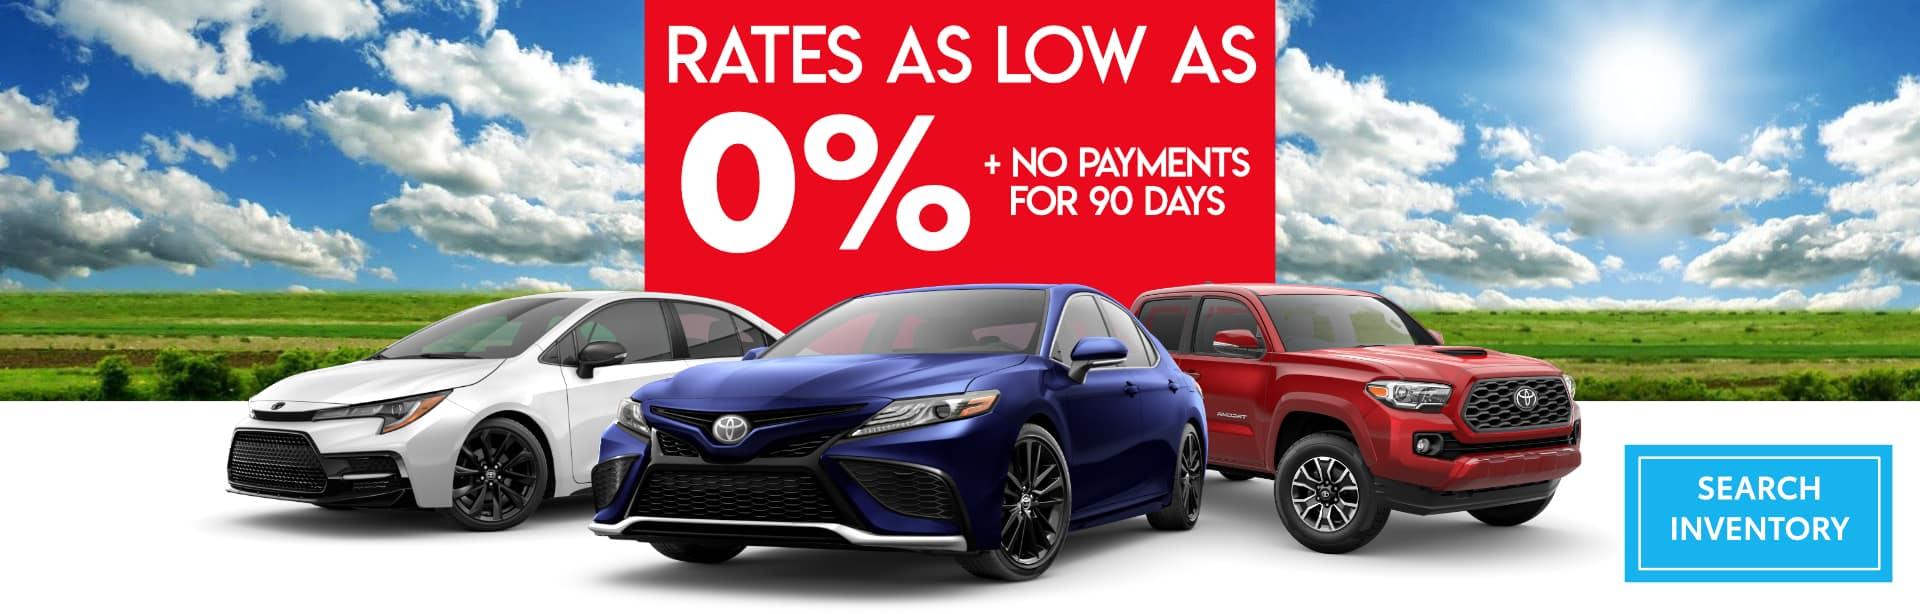 April 21 Low Rate